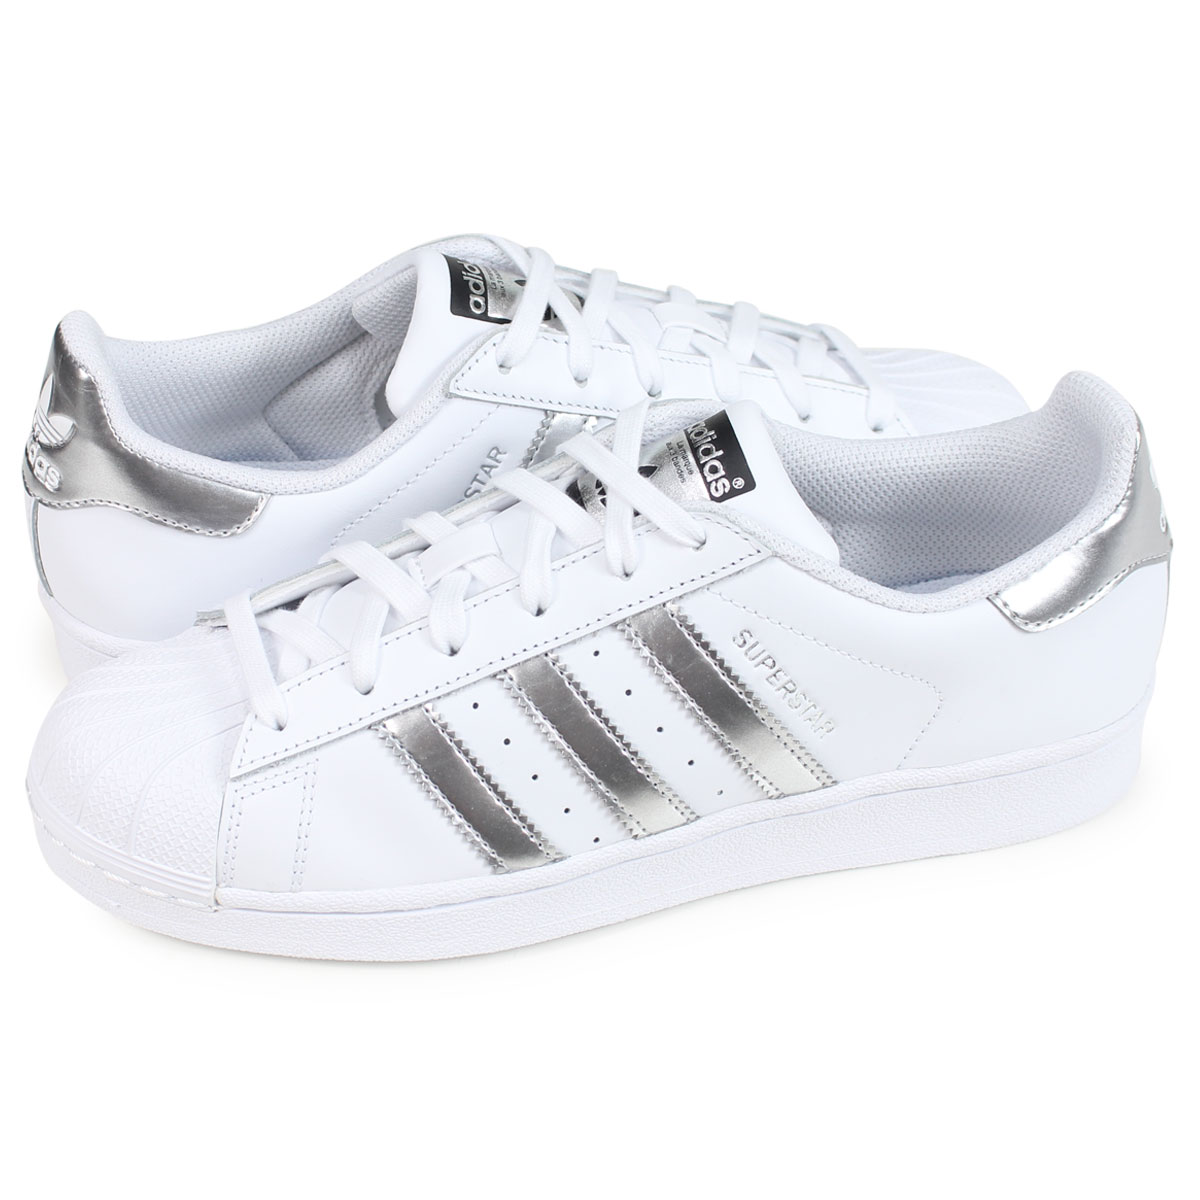 adidas Superstar El I CG3598 Infants Trainers Originals UK 3 to 9.5 Only UK 7.5k (us 8 EUR 25)